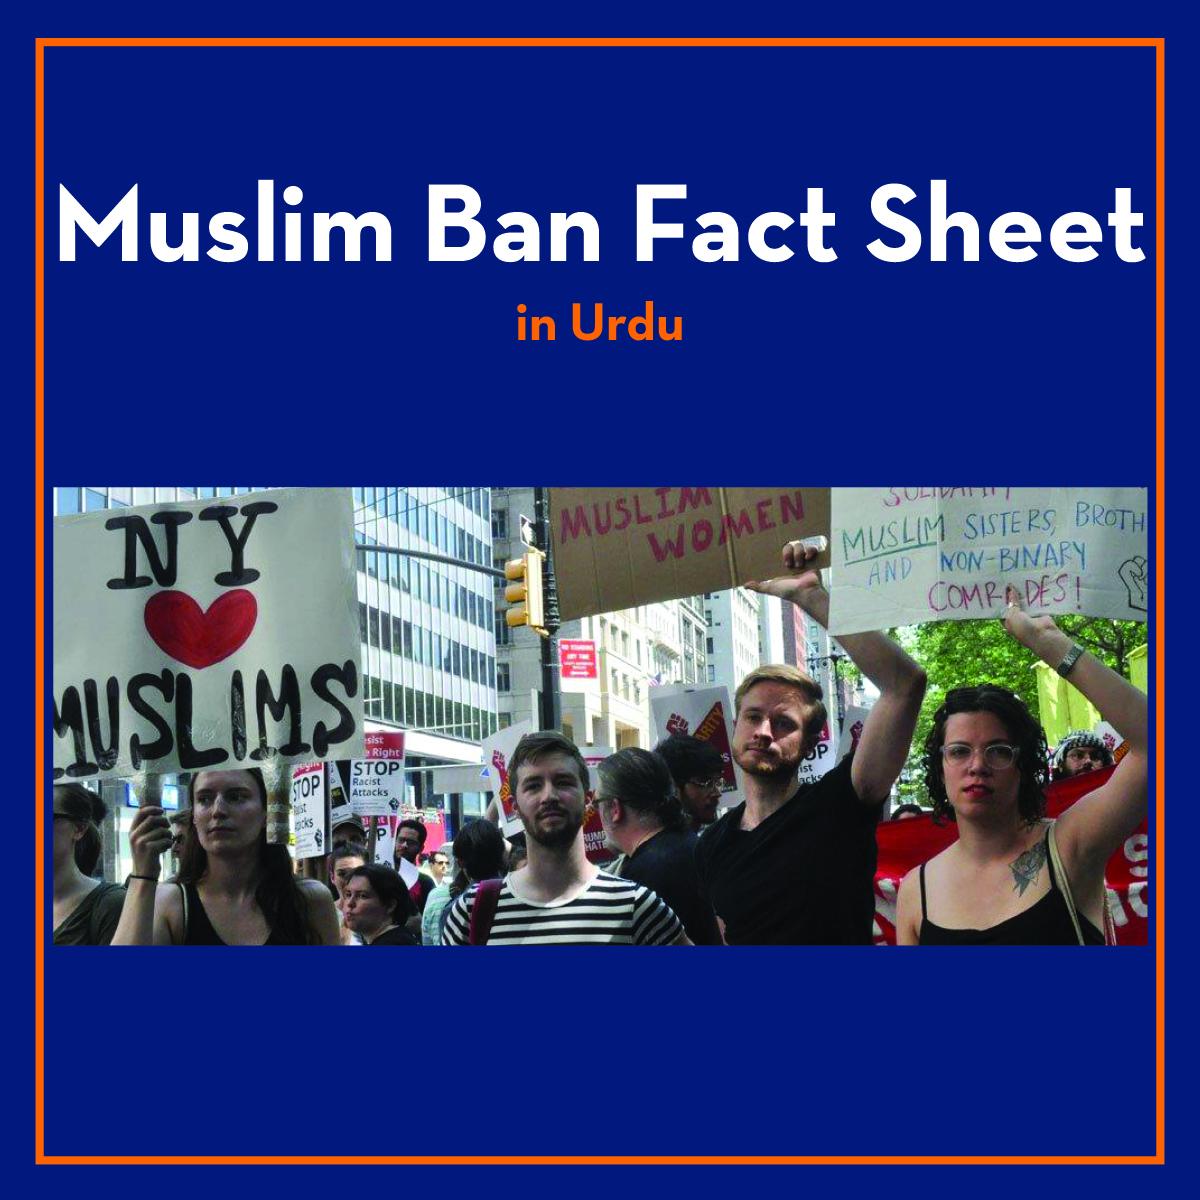 Muslim Ban Urdu.jpg